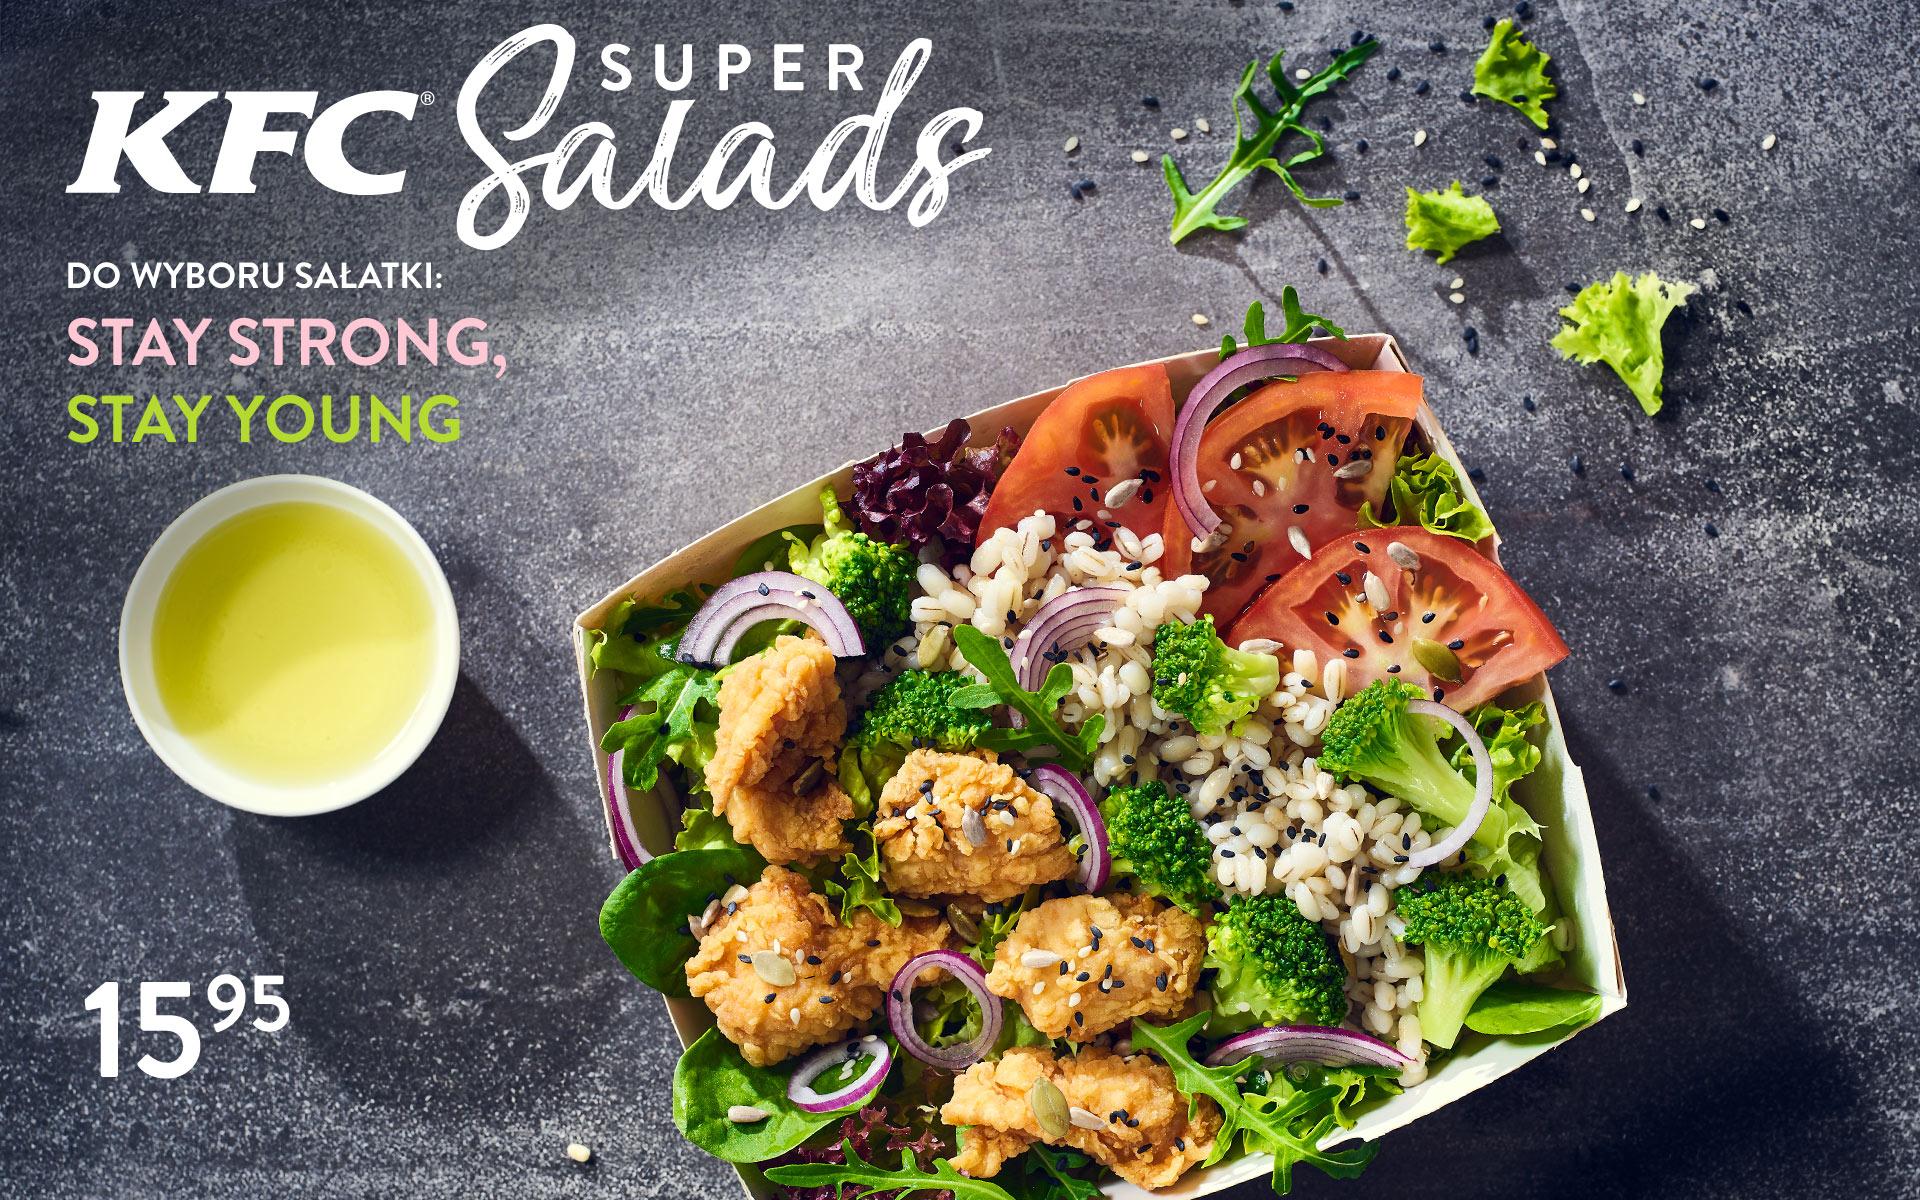 KFC Super Salads